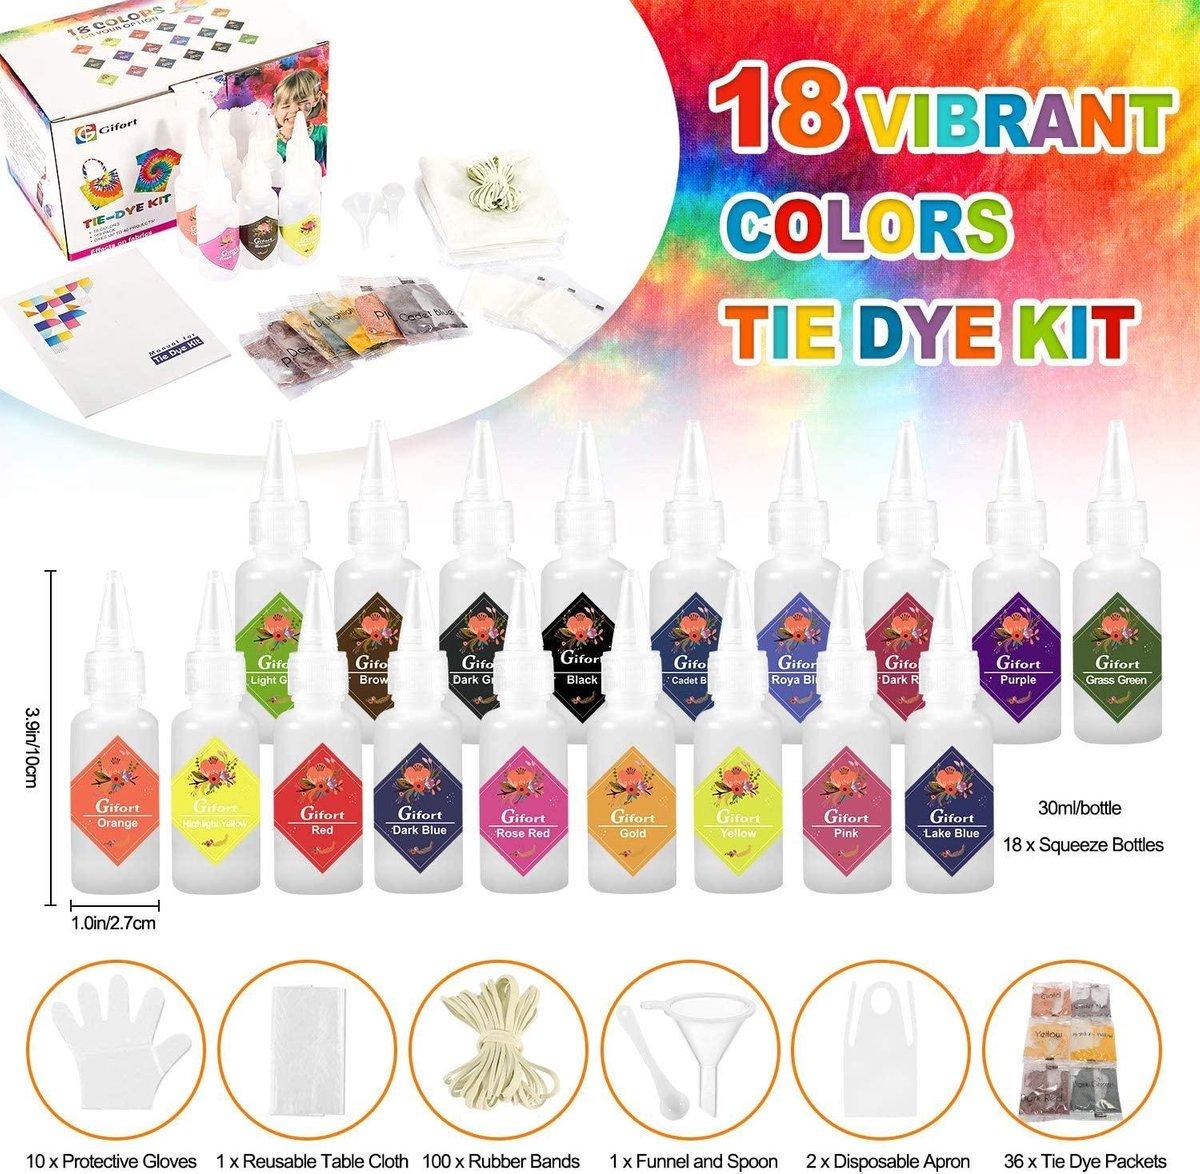 620 ml - TIE-DYE set van hoge kwaliteit - Complete 169 delige kit met 2 x 18 kleuren textiel pigment voor tot wel 40 werkstukken - Tie Dye verf premium kwaliteit